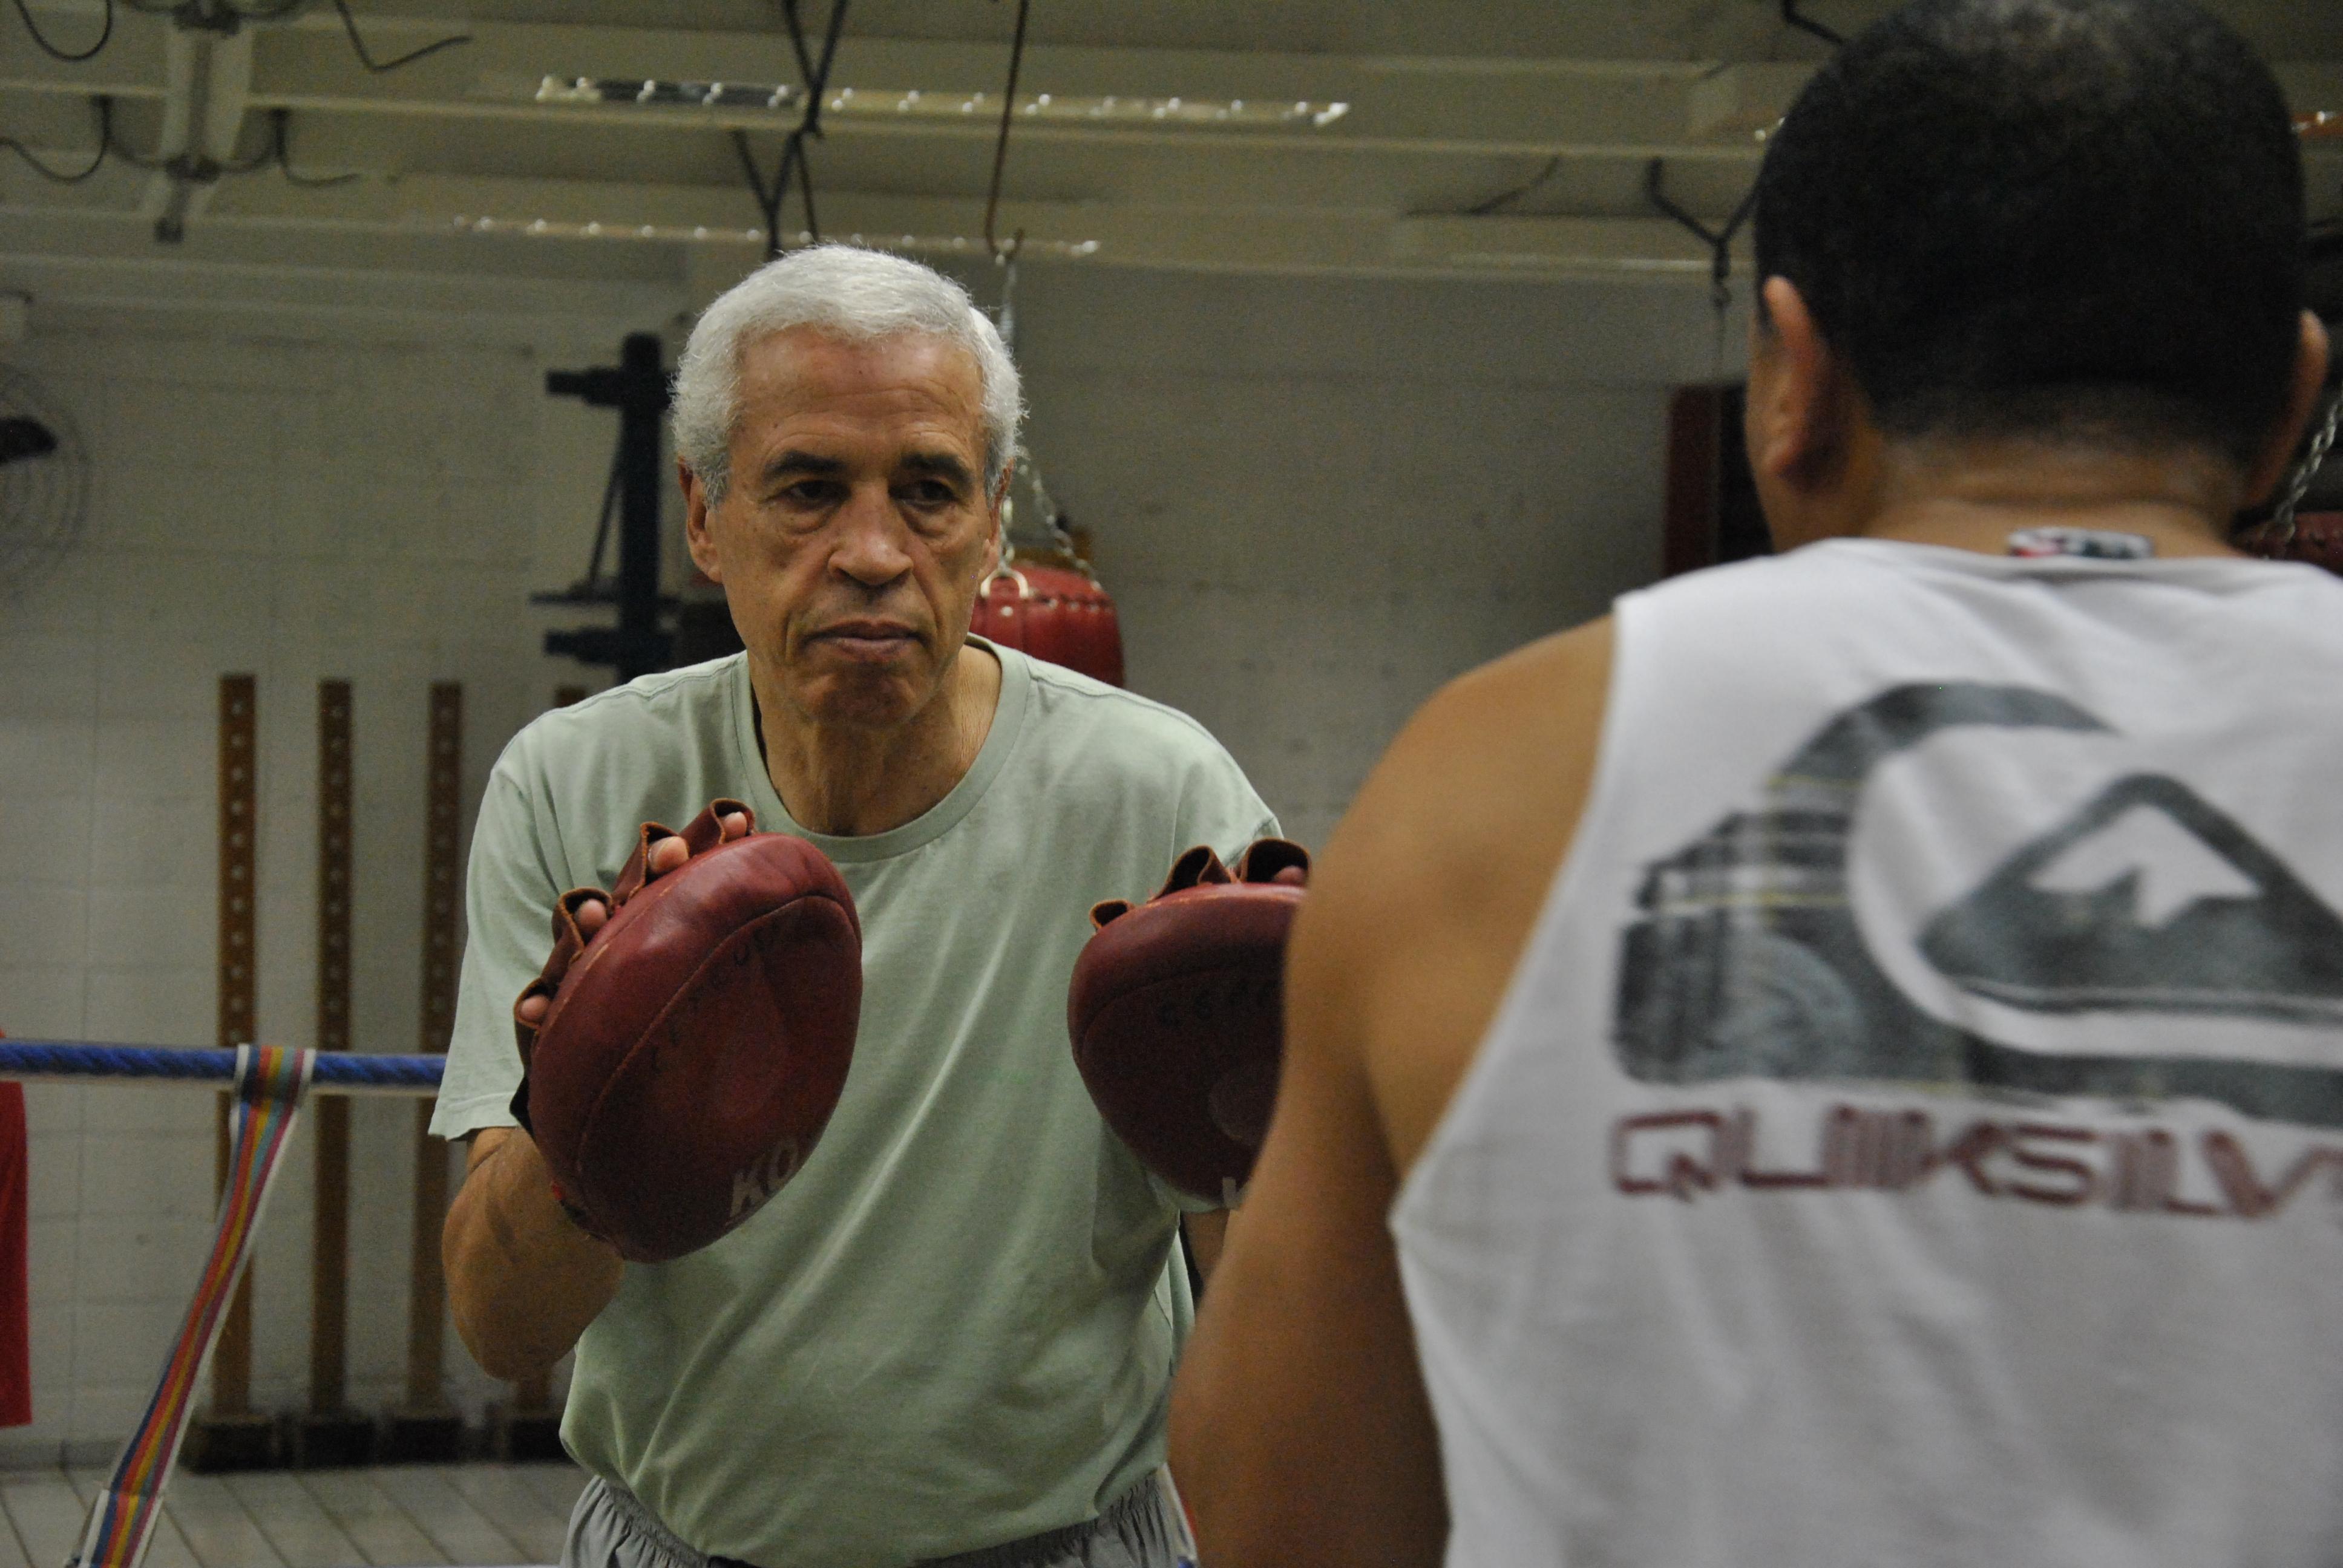 """Em aula, Fabre preza pela técnica: """"Se tivesse aprendido corretamente, teria evoluído muito mais"""" (Foto: Guilherme Speranzini)"""